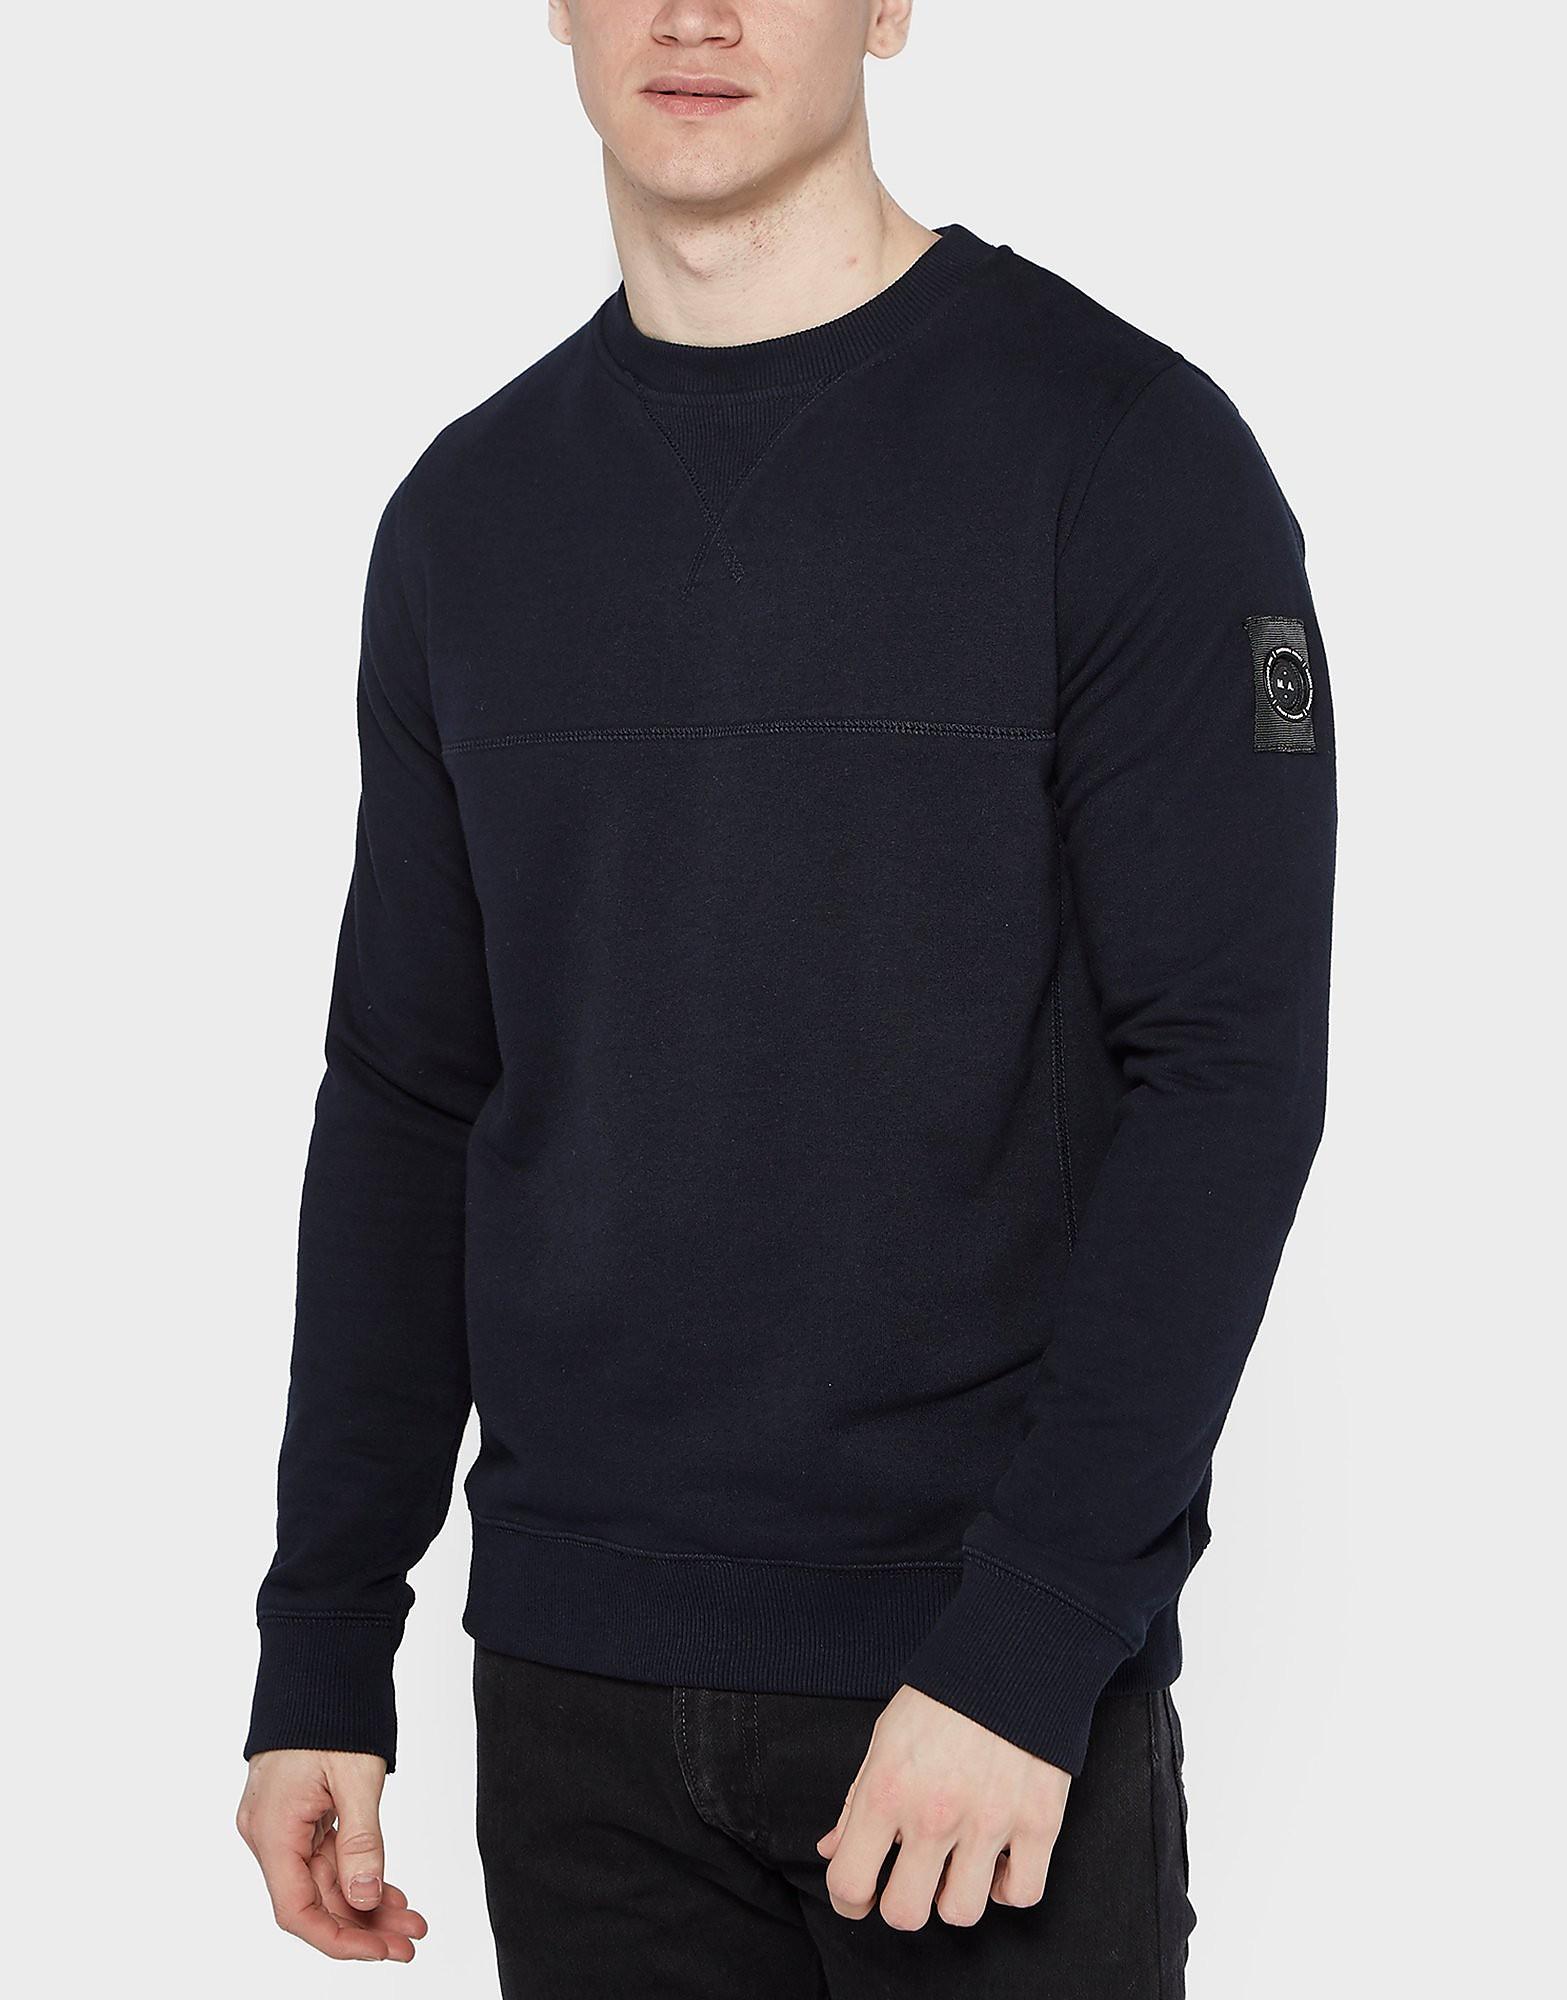 Marshall Artist Siren Crew Sweatshirt  Navy Navy